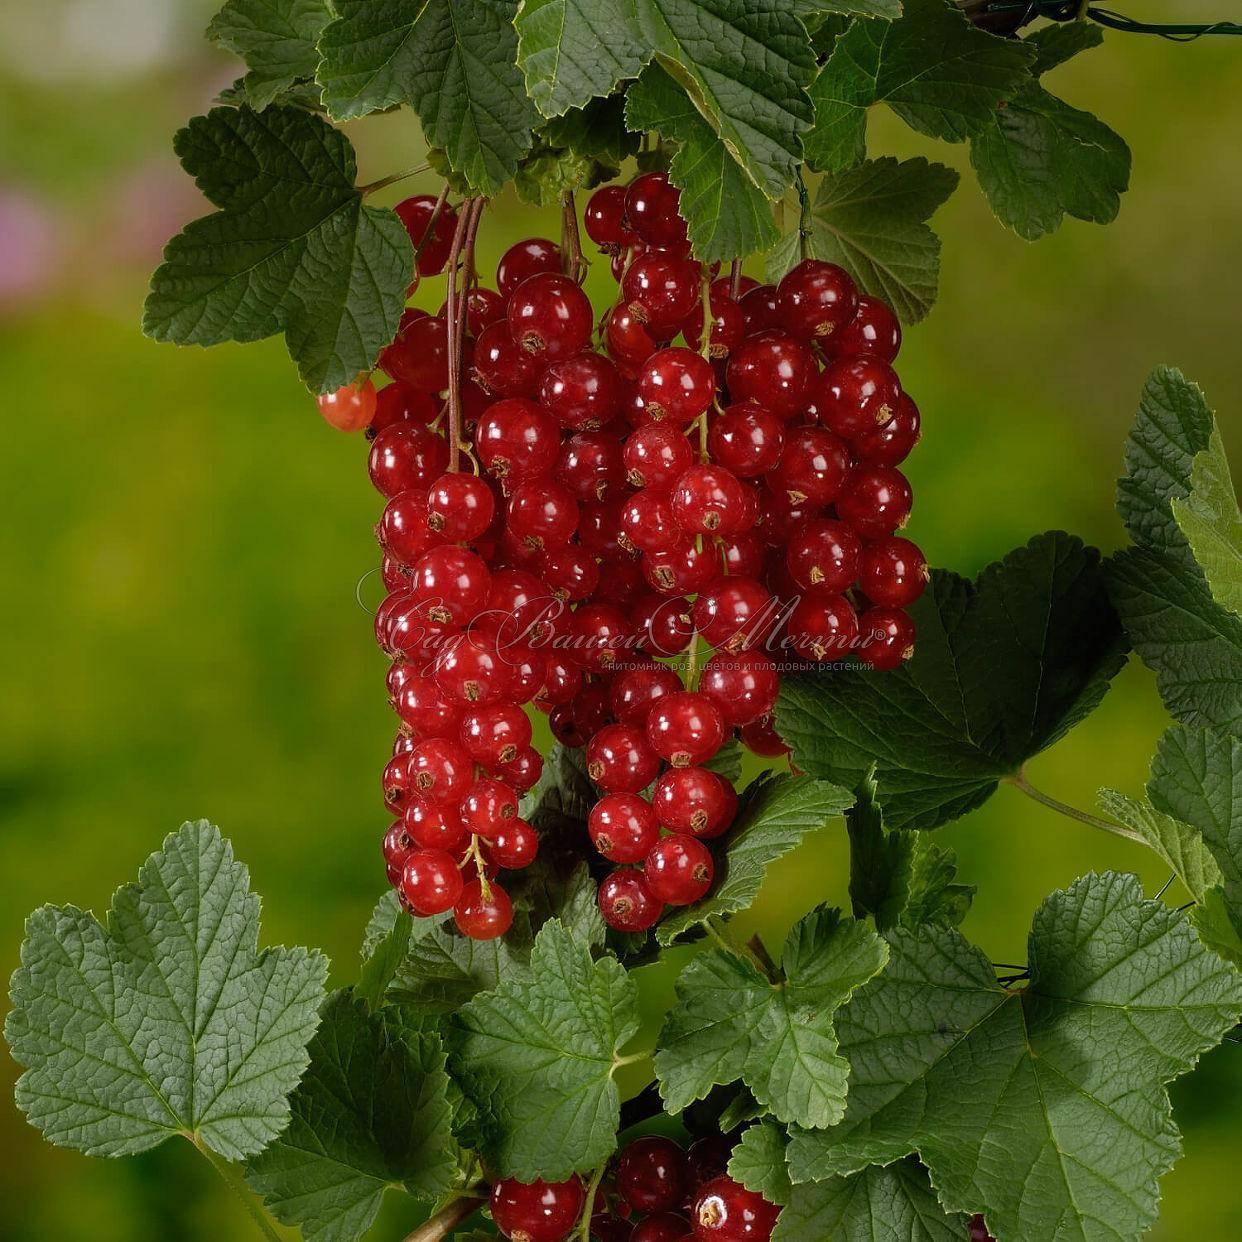 Смородина красная джонкер ван тетс: описание сорта, посадка и уход, отзывы с фото